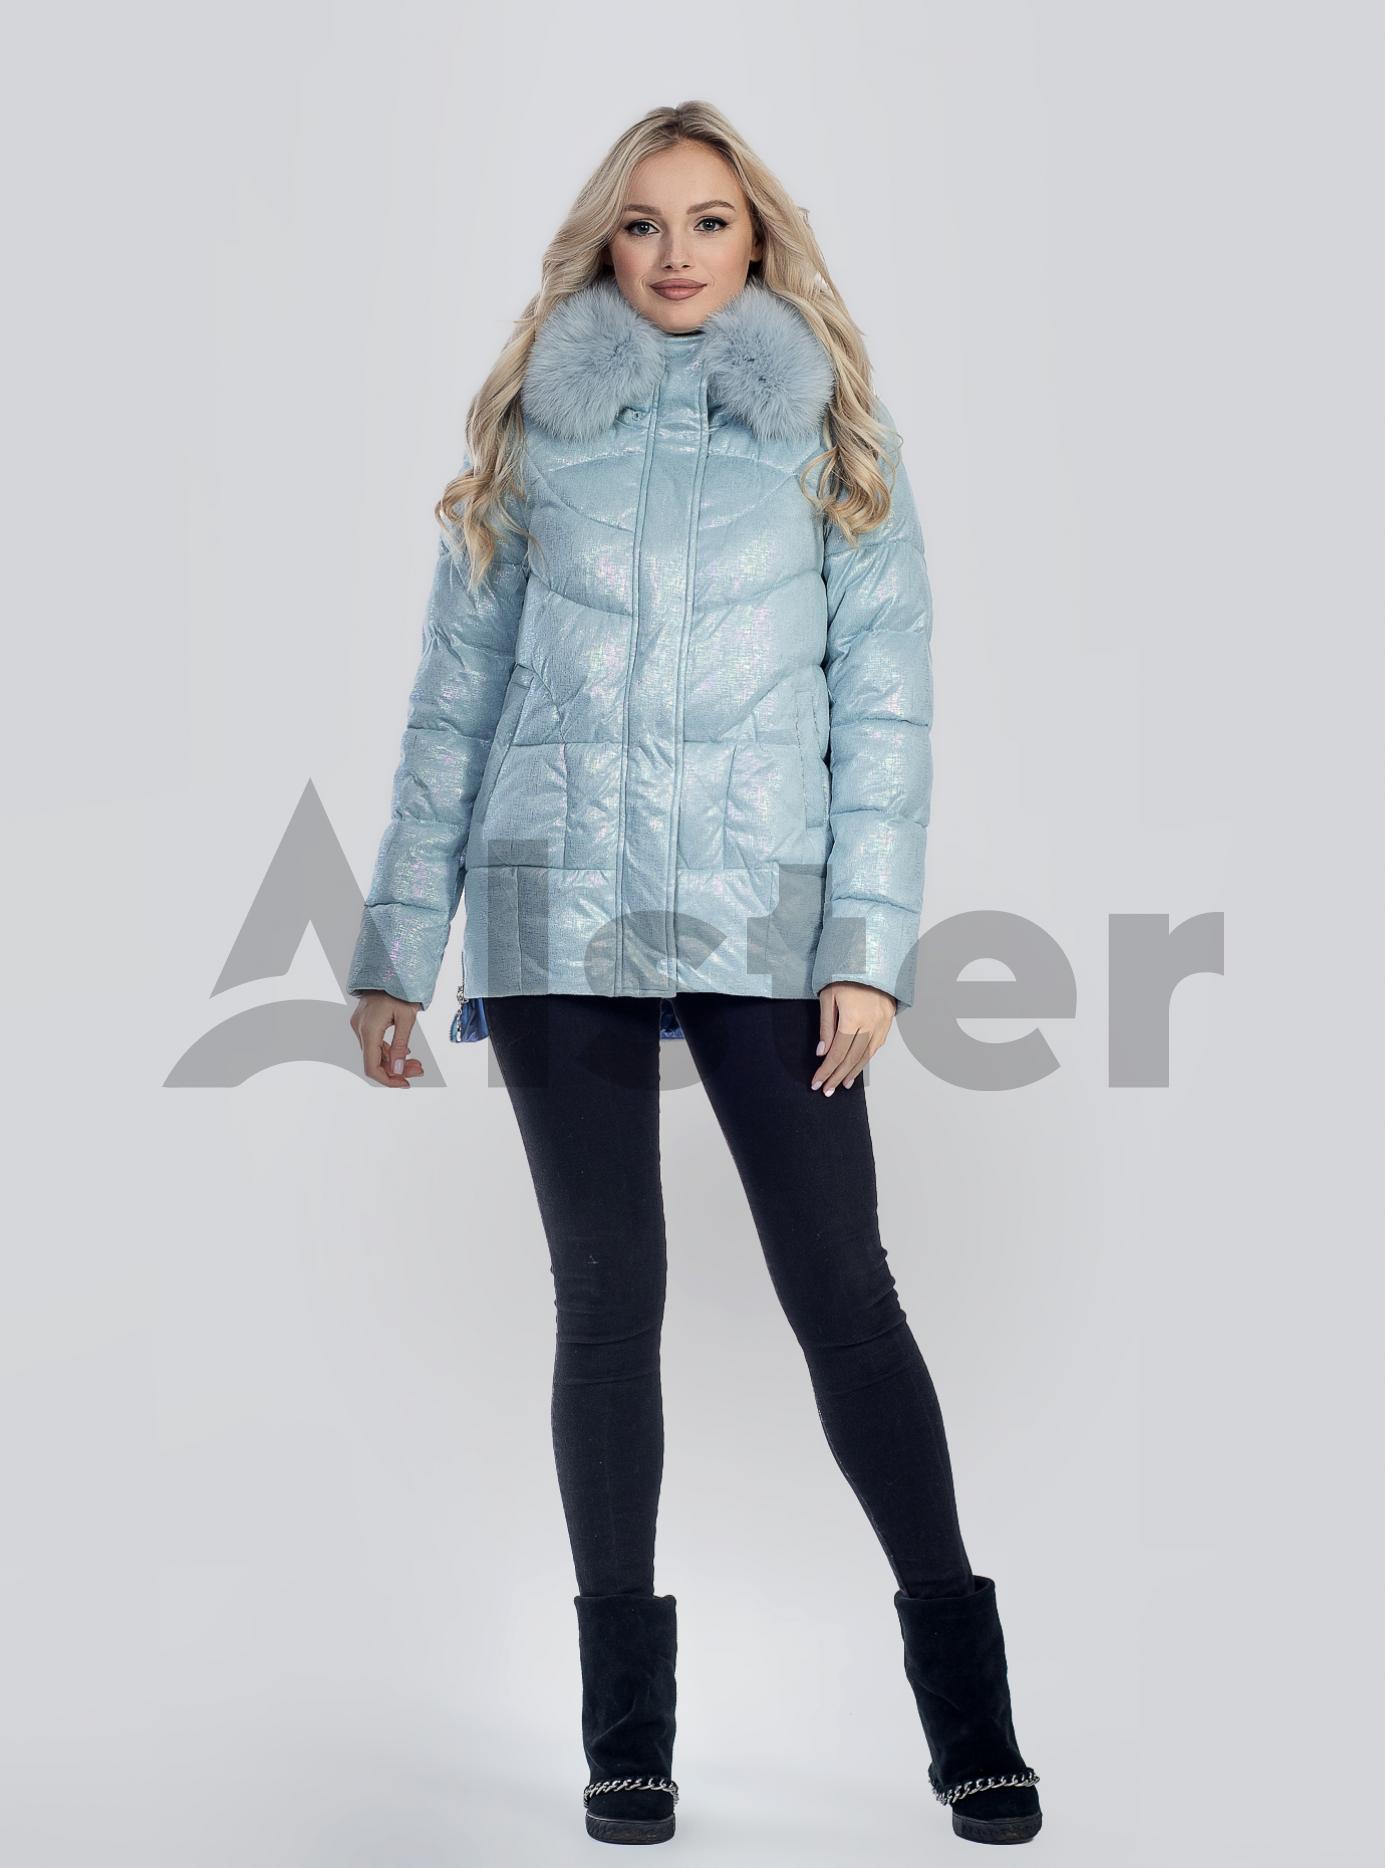 Зимова жіноча куртка з хутром Світло-блакитний S (05-SV201227): фото - Alster.ua